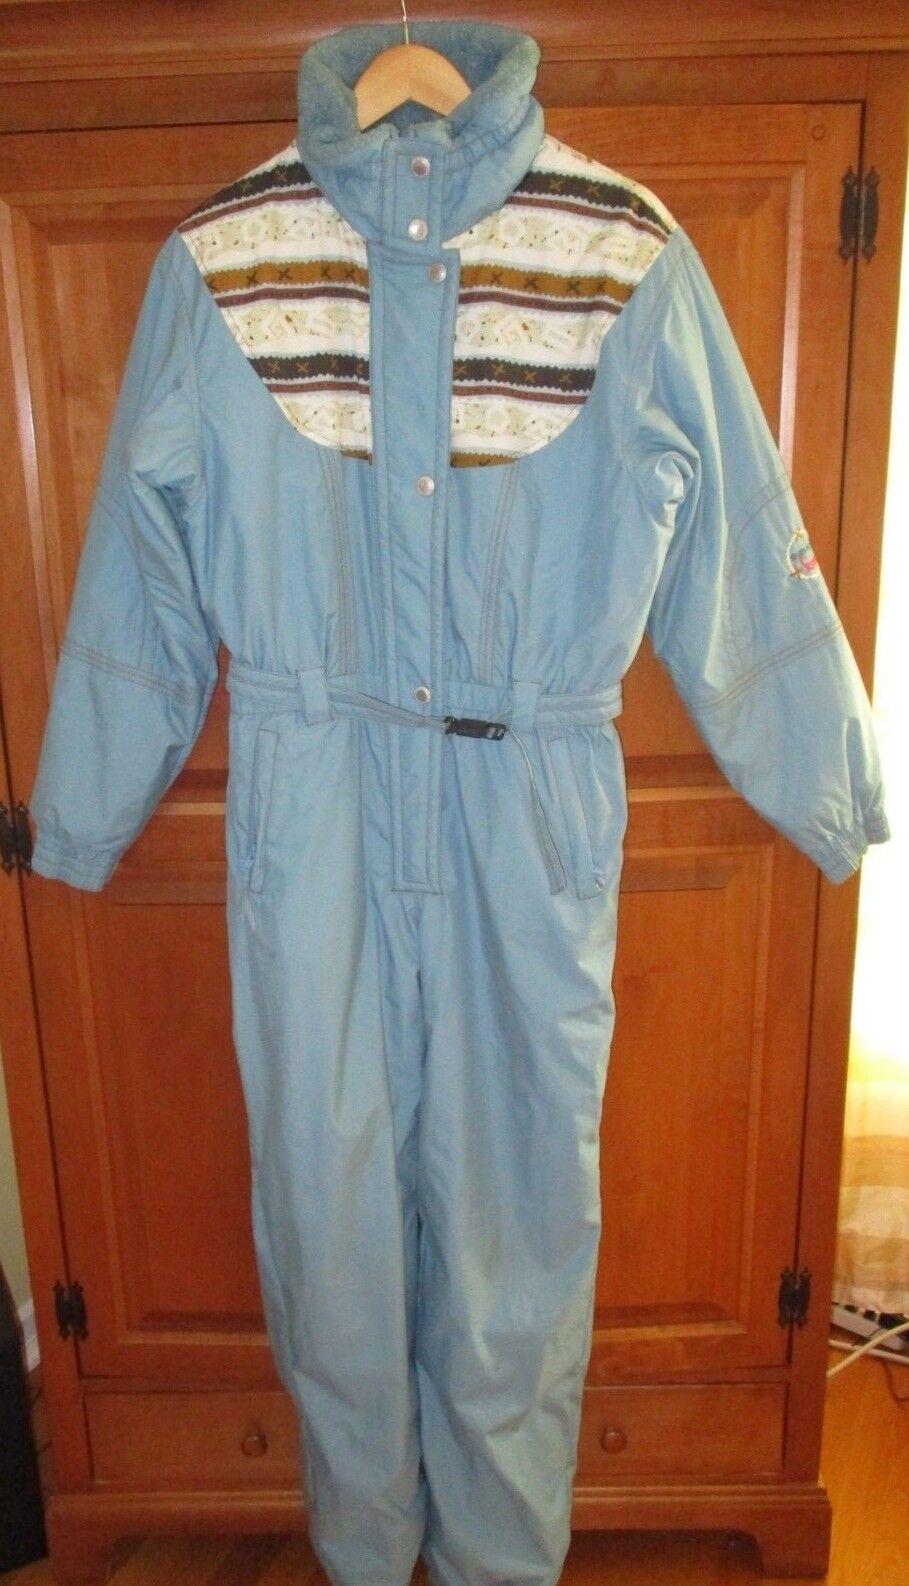 Ladies Vintage Sunice bluee Southwestern Accent Ski Suit Jumpsuit Size M L